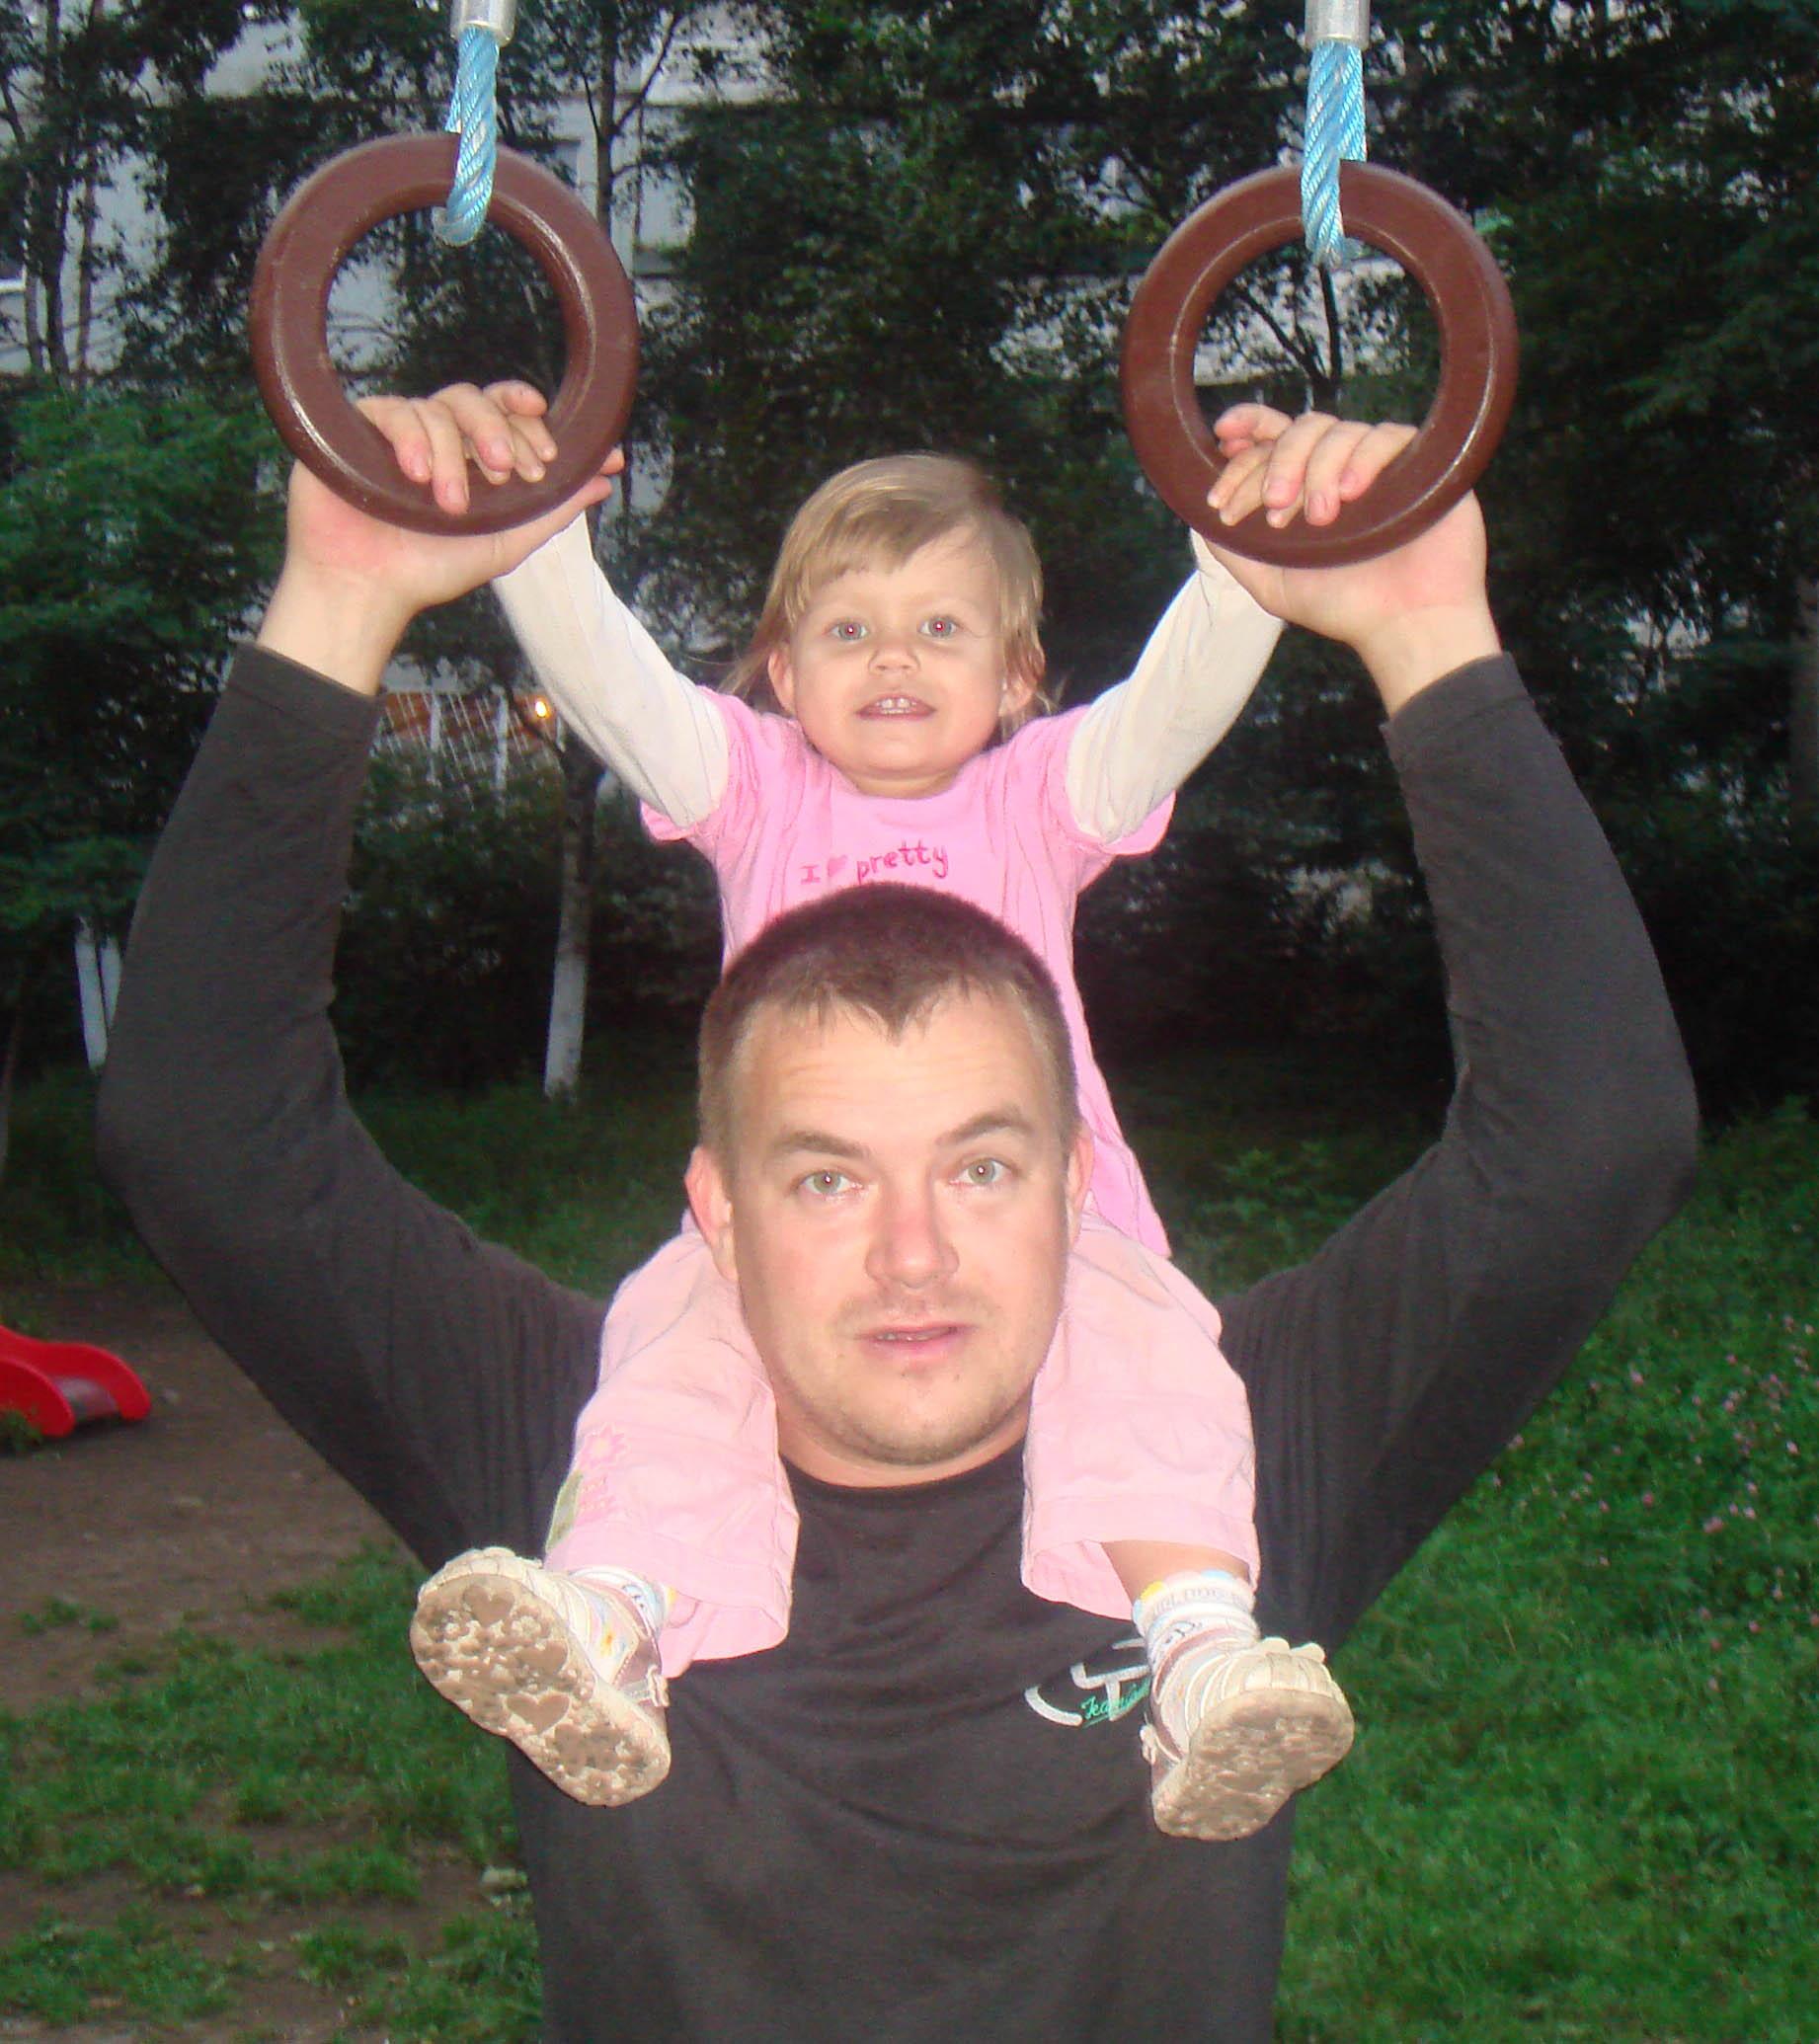 папа и я - спортивная семья. Спортивная семья